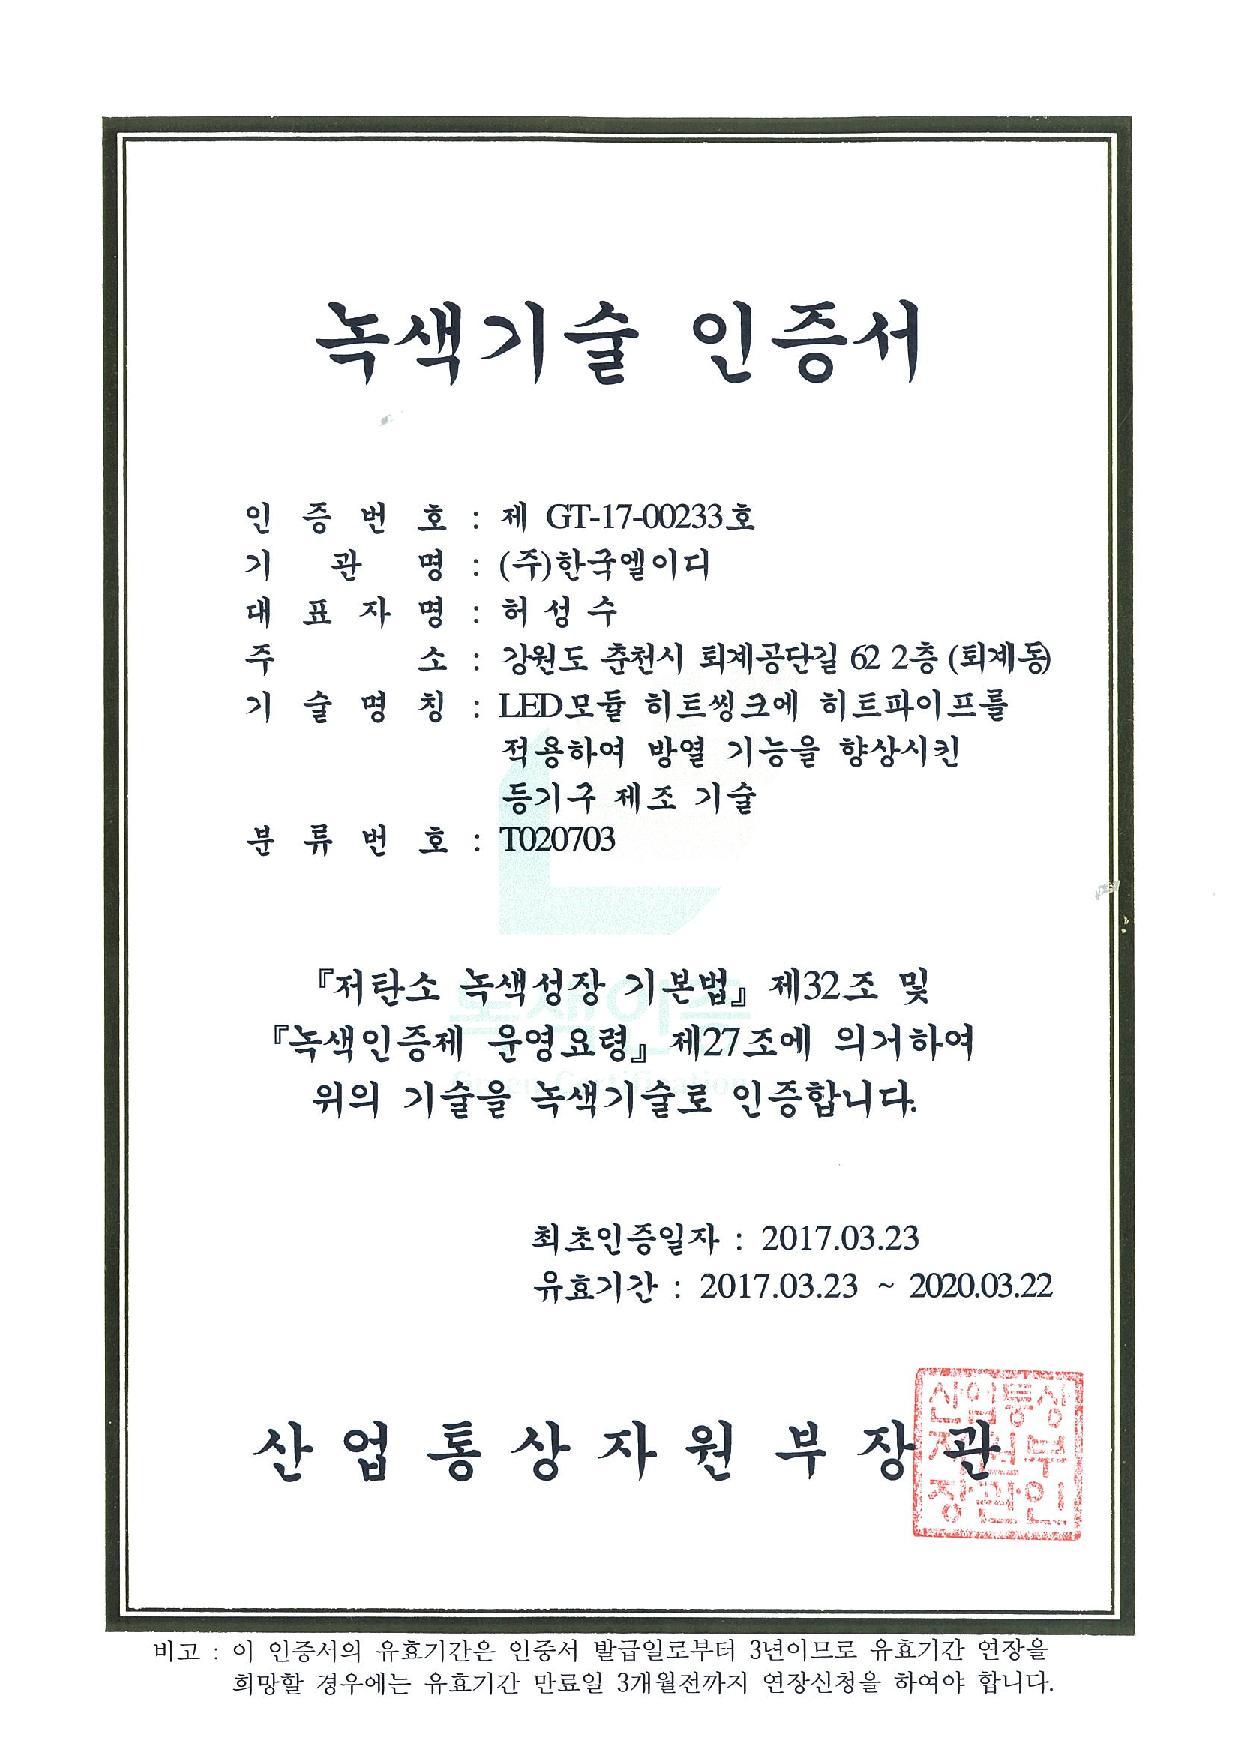 한국엘이디_녹색기술인증서